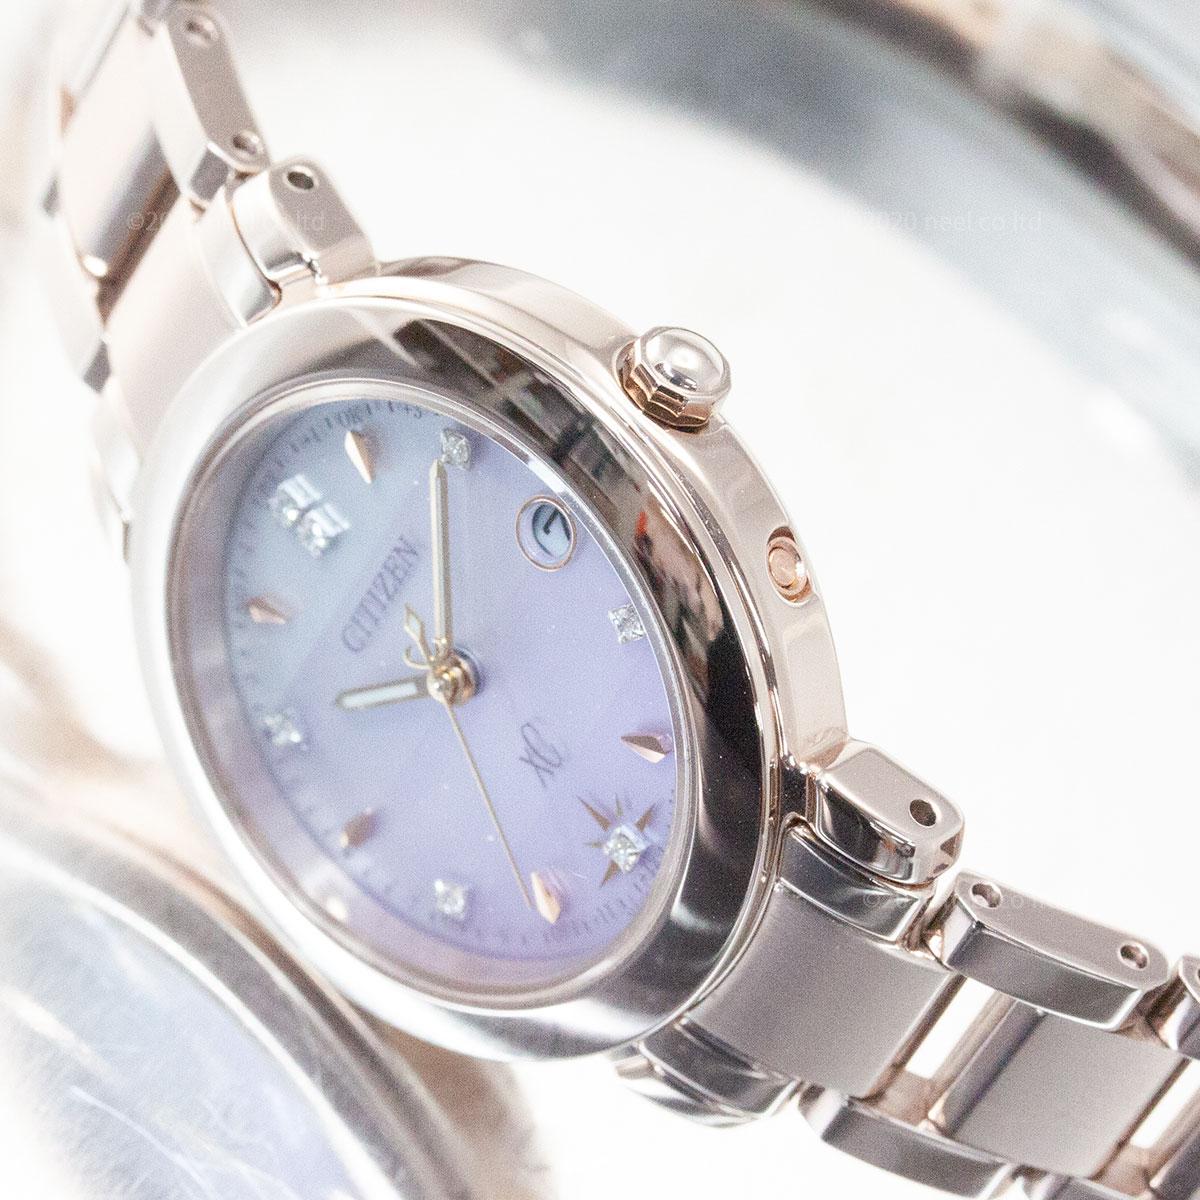 店内ポイント最大43倍 18日23時59分まで シチズン クロスシー CITIZEN xC エコドライブ 電波時計 ティタニア ハッピーフライト 限定モデル 腕時計 レディース hikari collection ES9444 50Y 2020 新作tsdQrCh